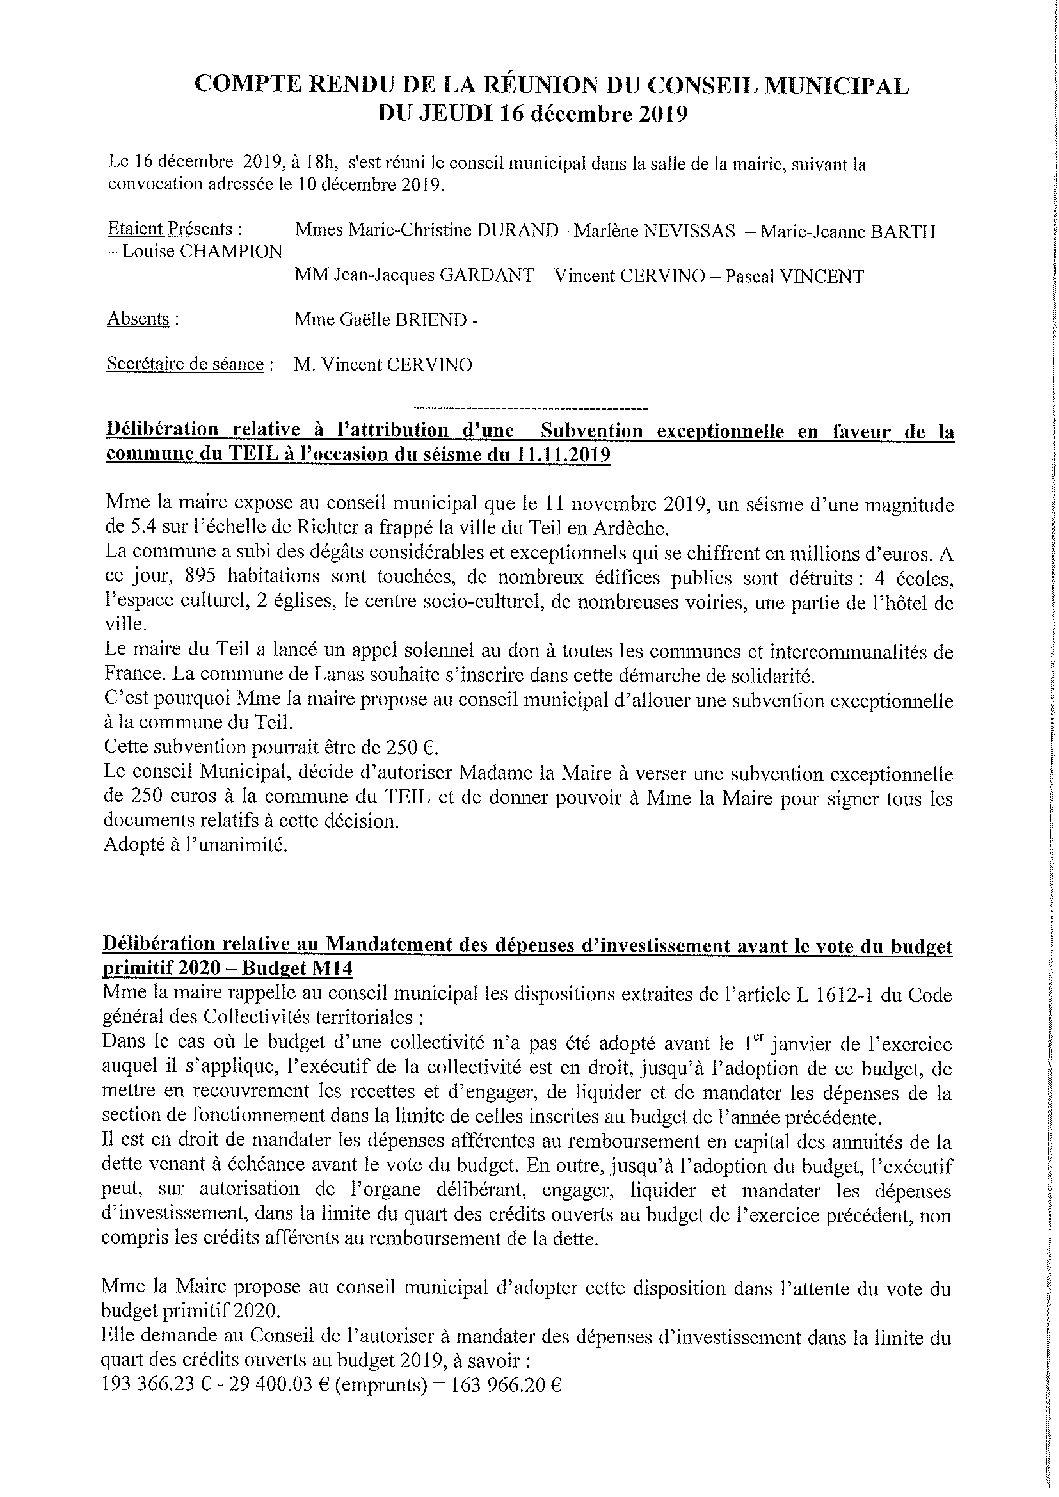 Compte rendu du Conseil Municipal du 16 décembre 2019